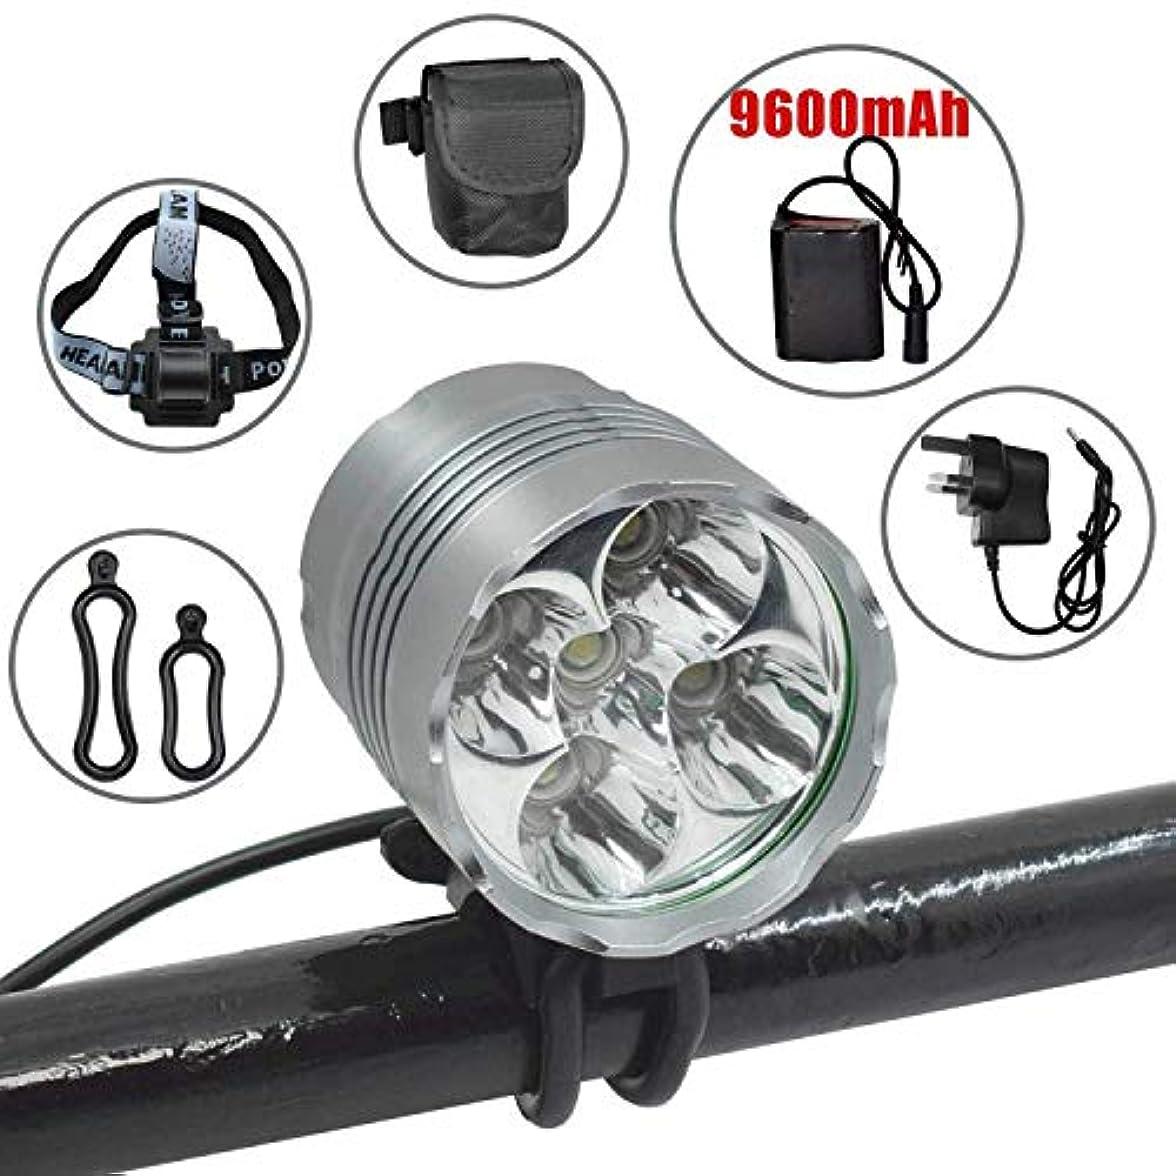 代表して怪しい成功USB充電式LEDフロントライトアルミバイクライト、スーパーブライト5LEDヘッドライトヘッドランプ防水サイクリング自転車ライト、ナイトライディング